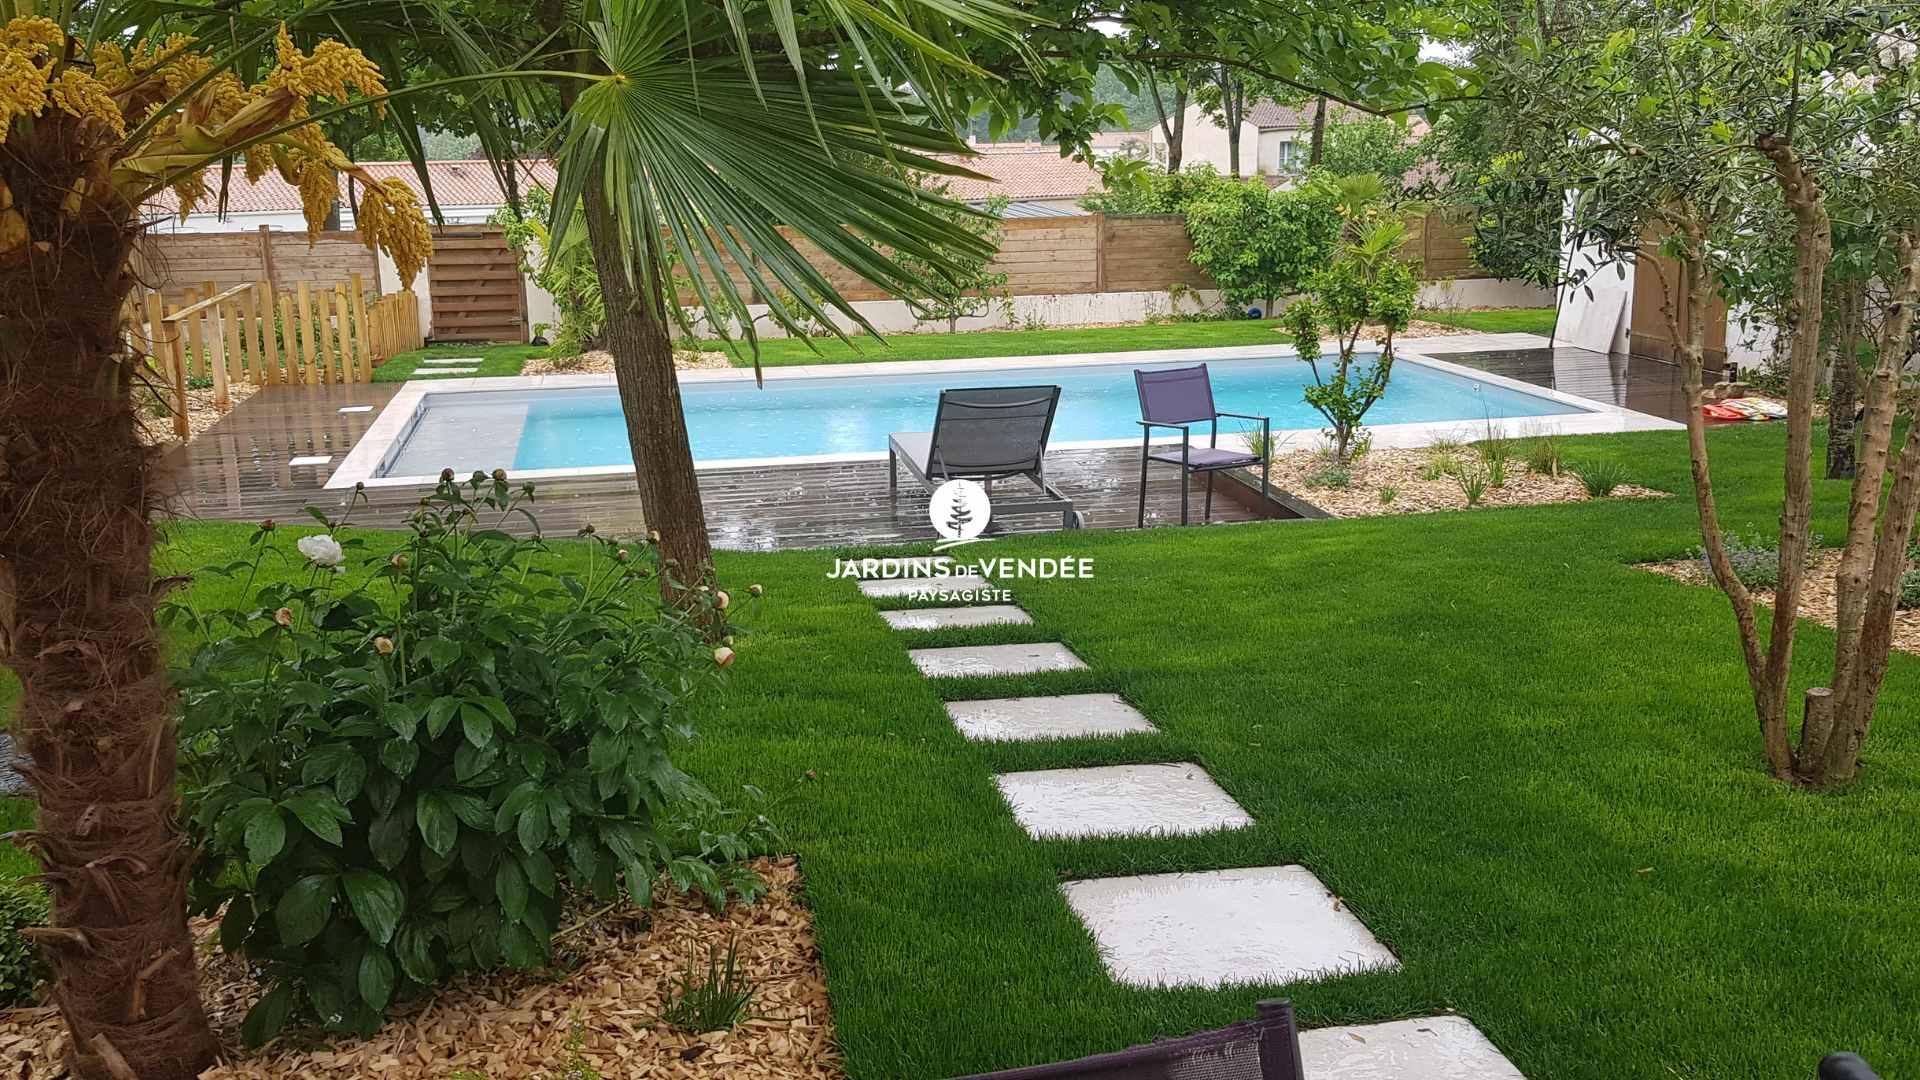 jardinsdevendee-nosrealisations-piscine18-compressed